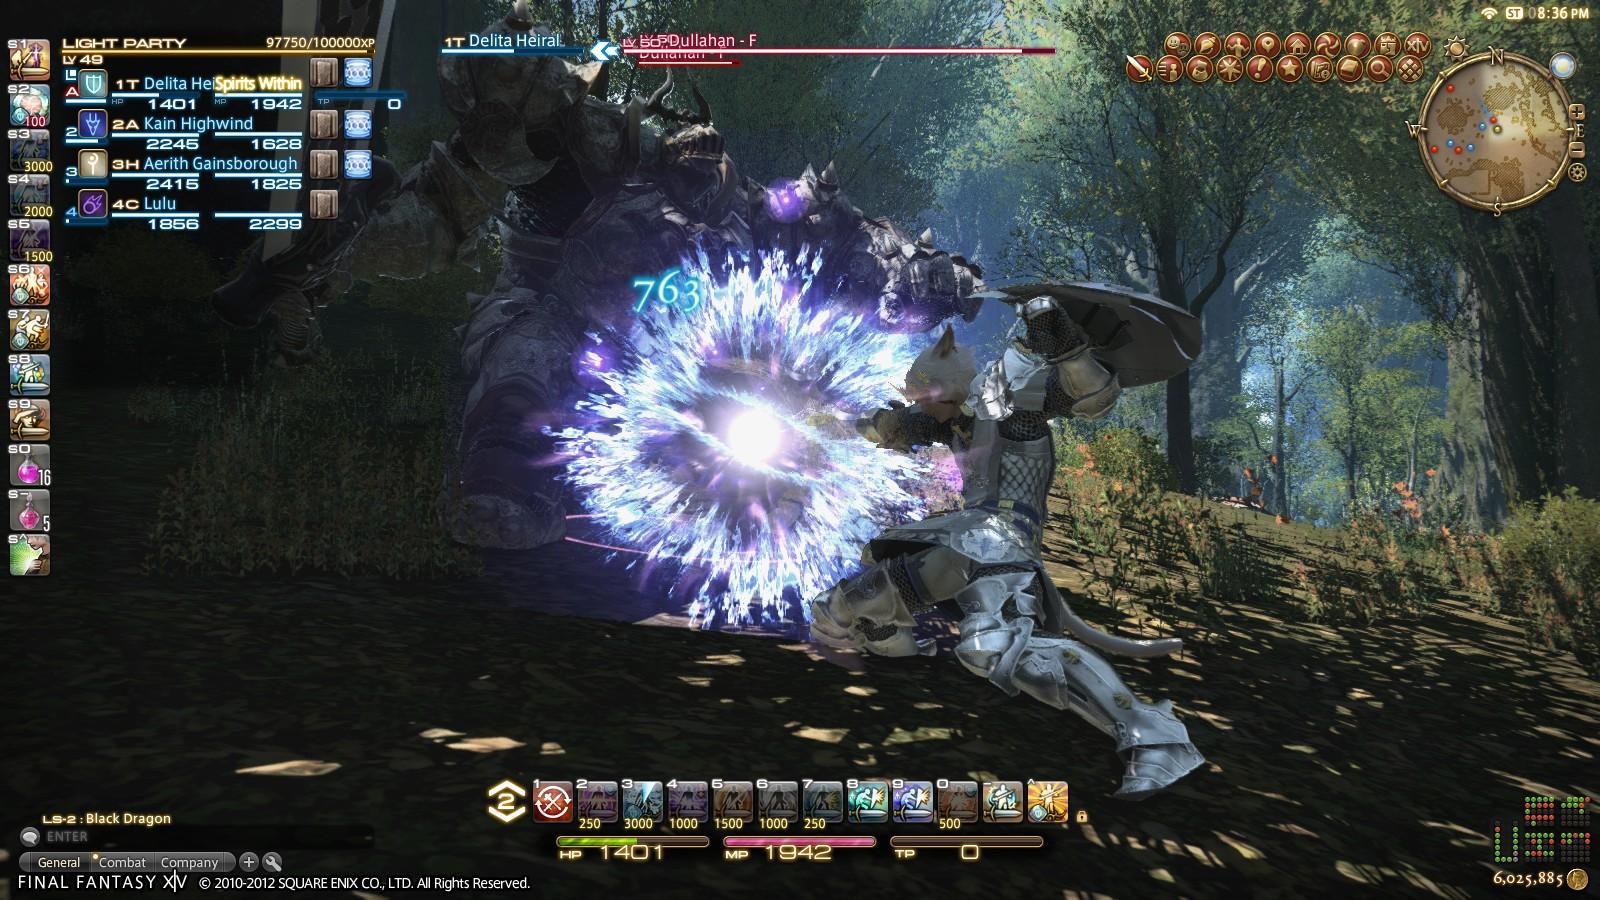 E3 2012: Final Fantasy XIV 2 0 Impressions   RPG Site